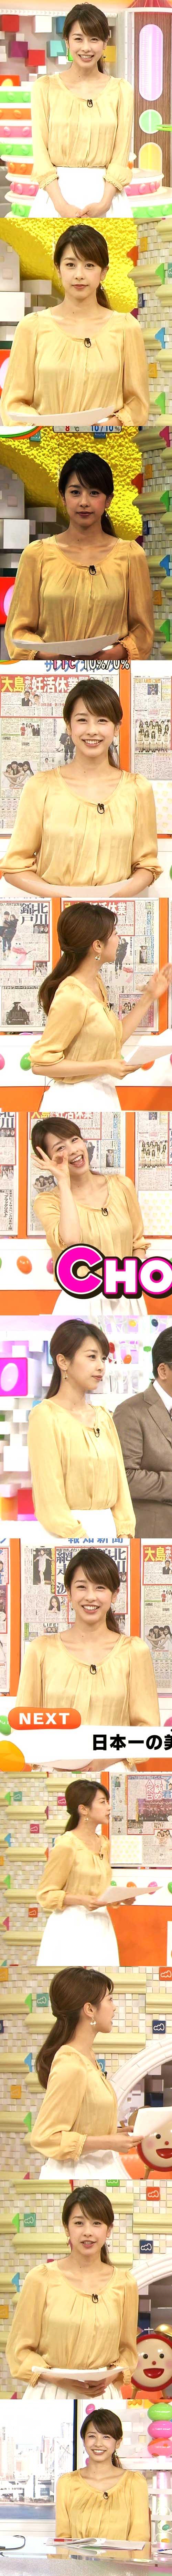 加藤綾子 おっぱいクッキリ